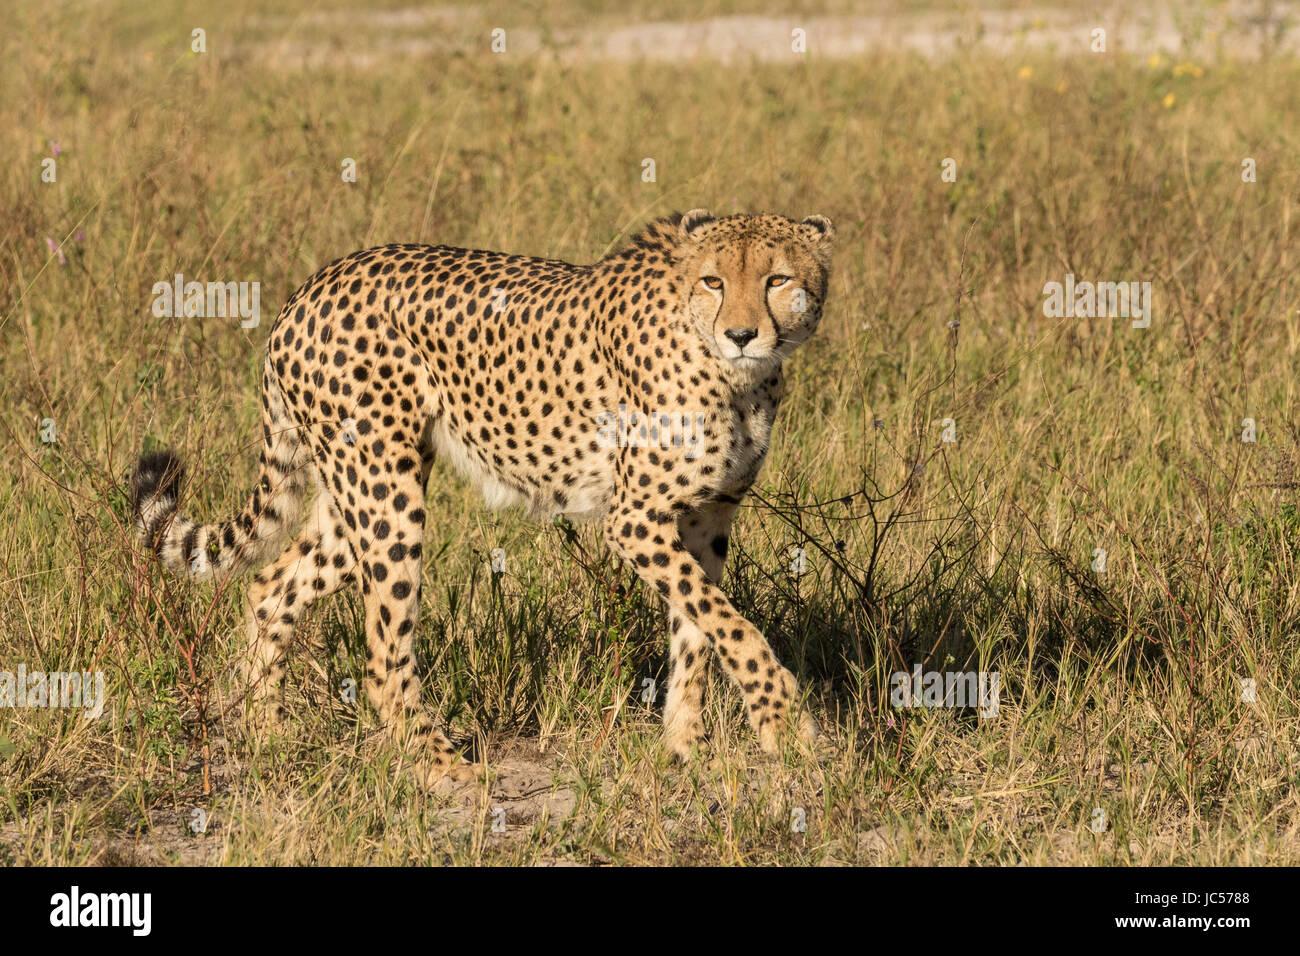 Walking cheetah - Stock Image